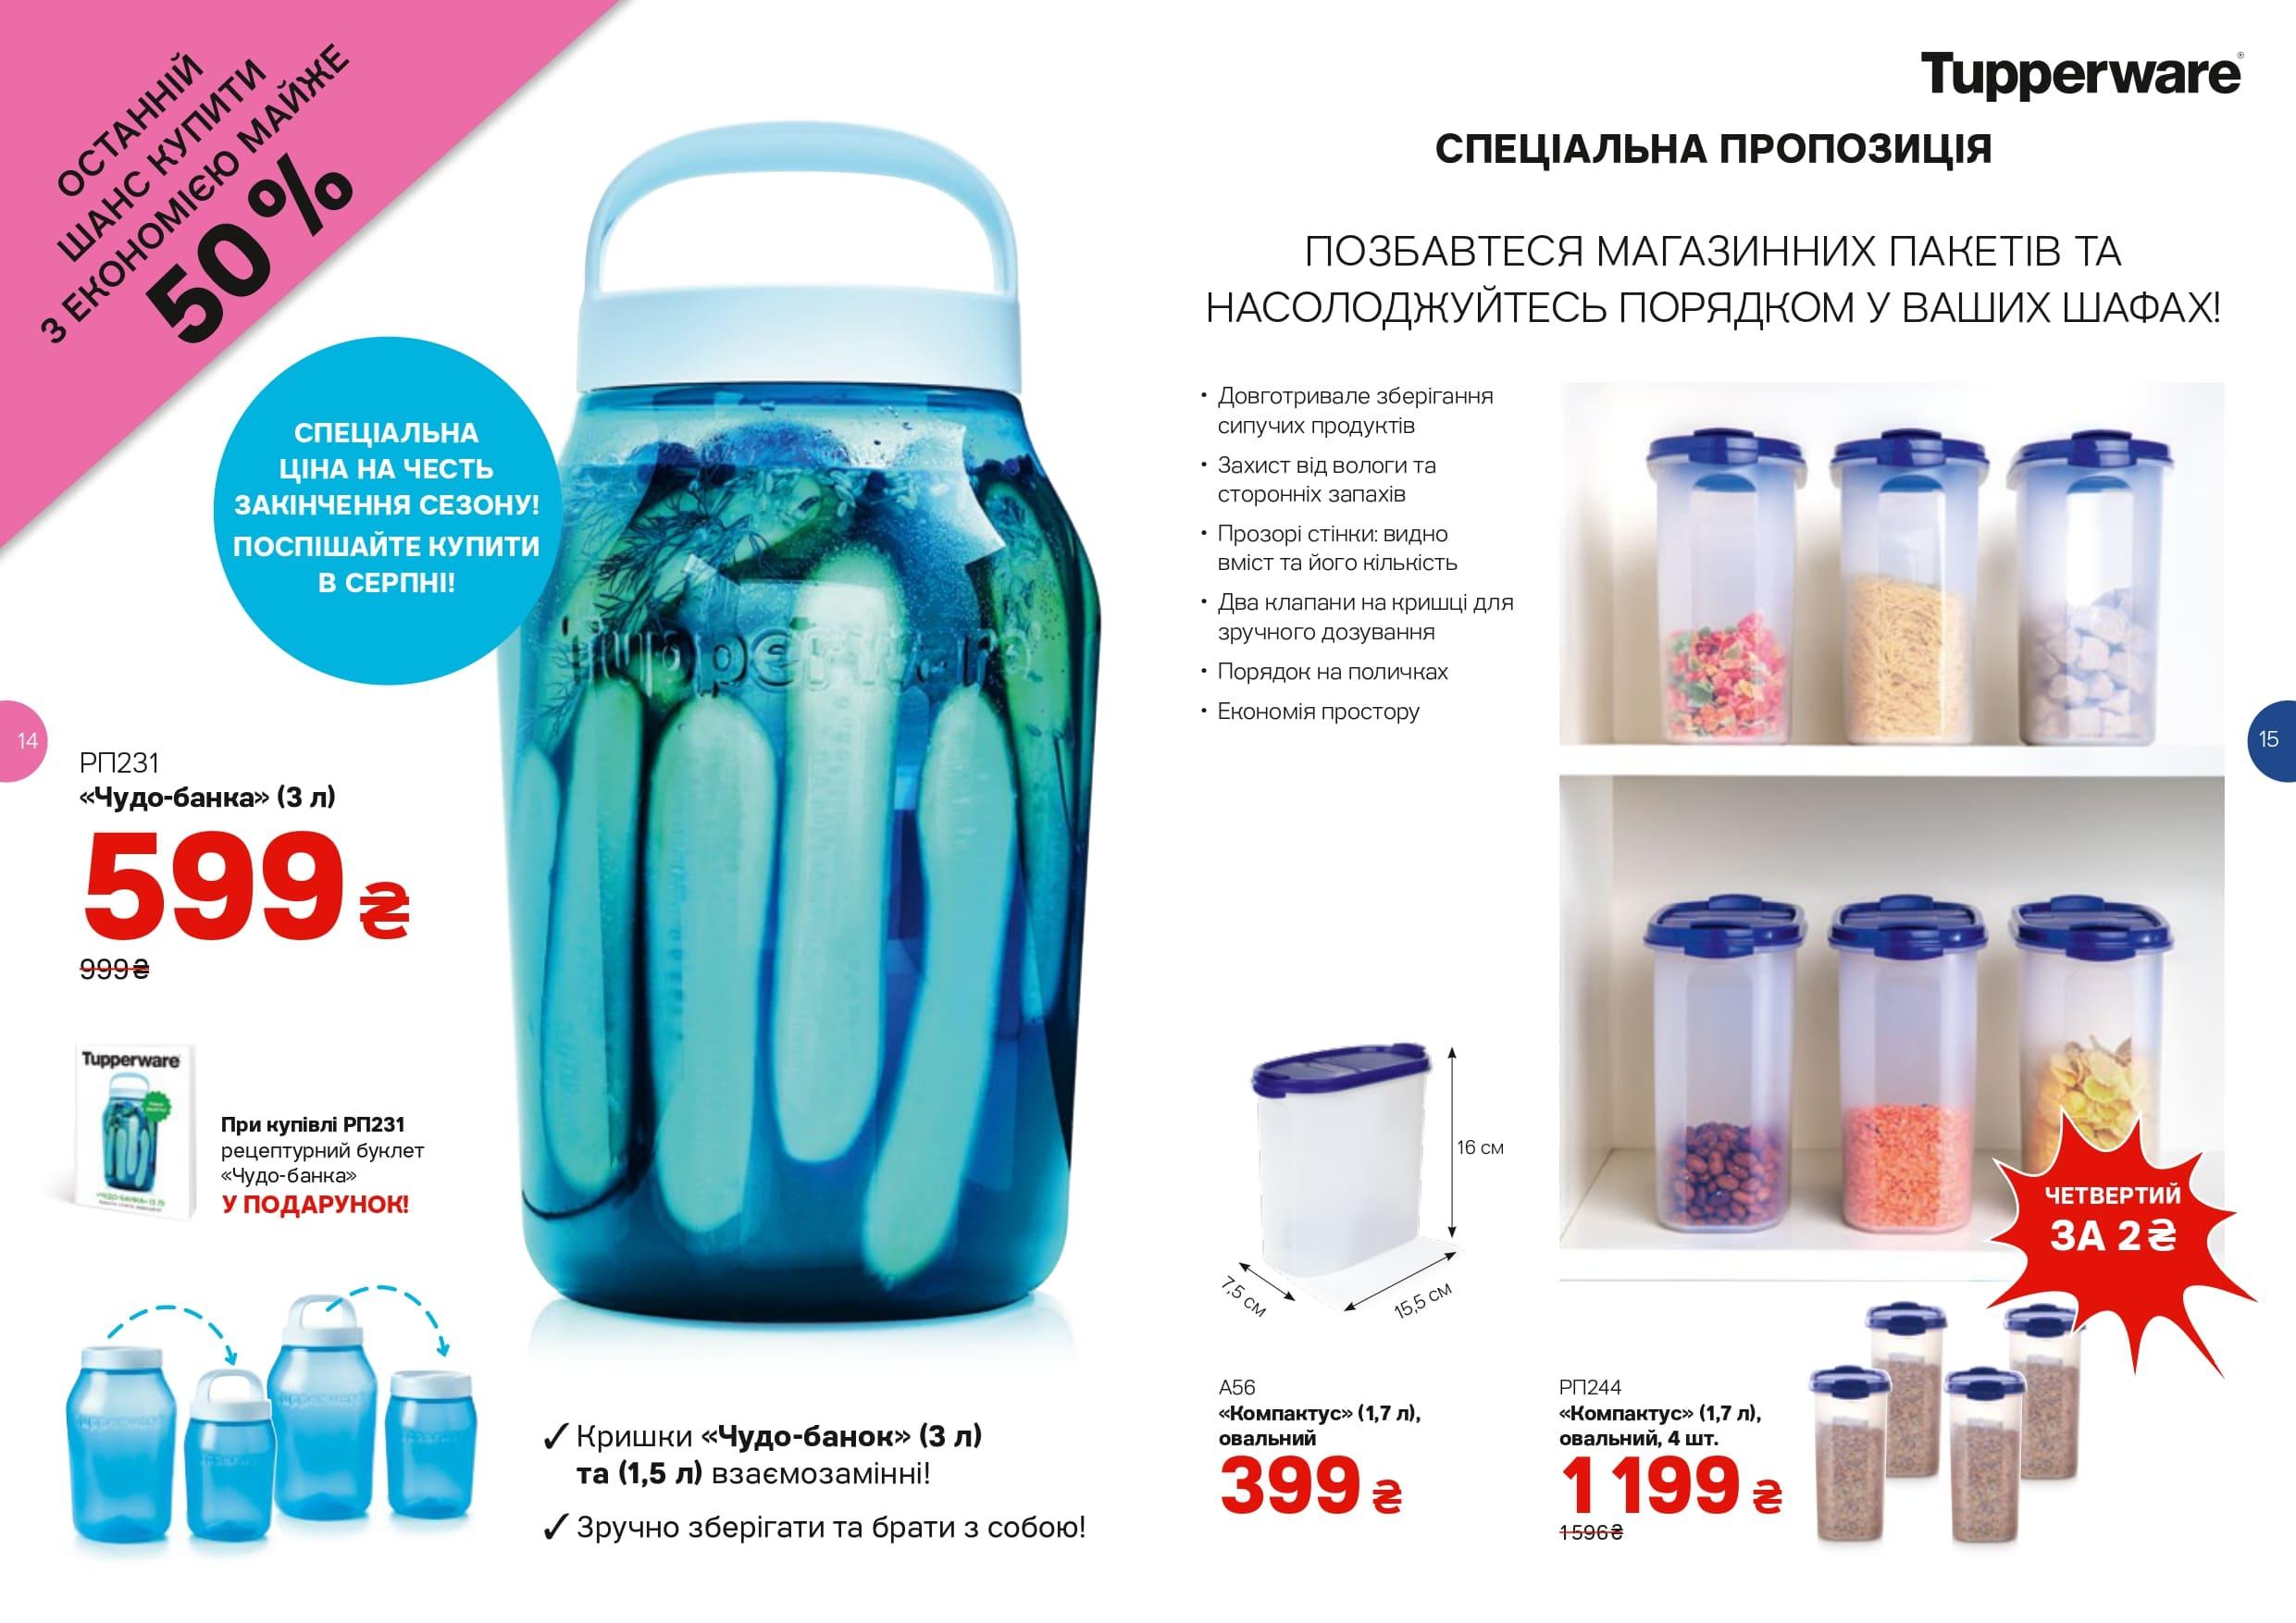 Страница 0014 - Чудо-банка Тапервер 3 литра. Страница 0015 - Компактус для хранения сыпучих продуктов, 1,7 литра